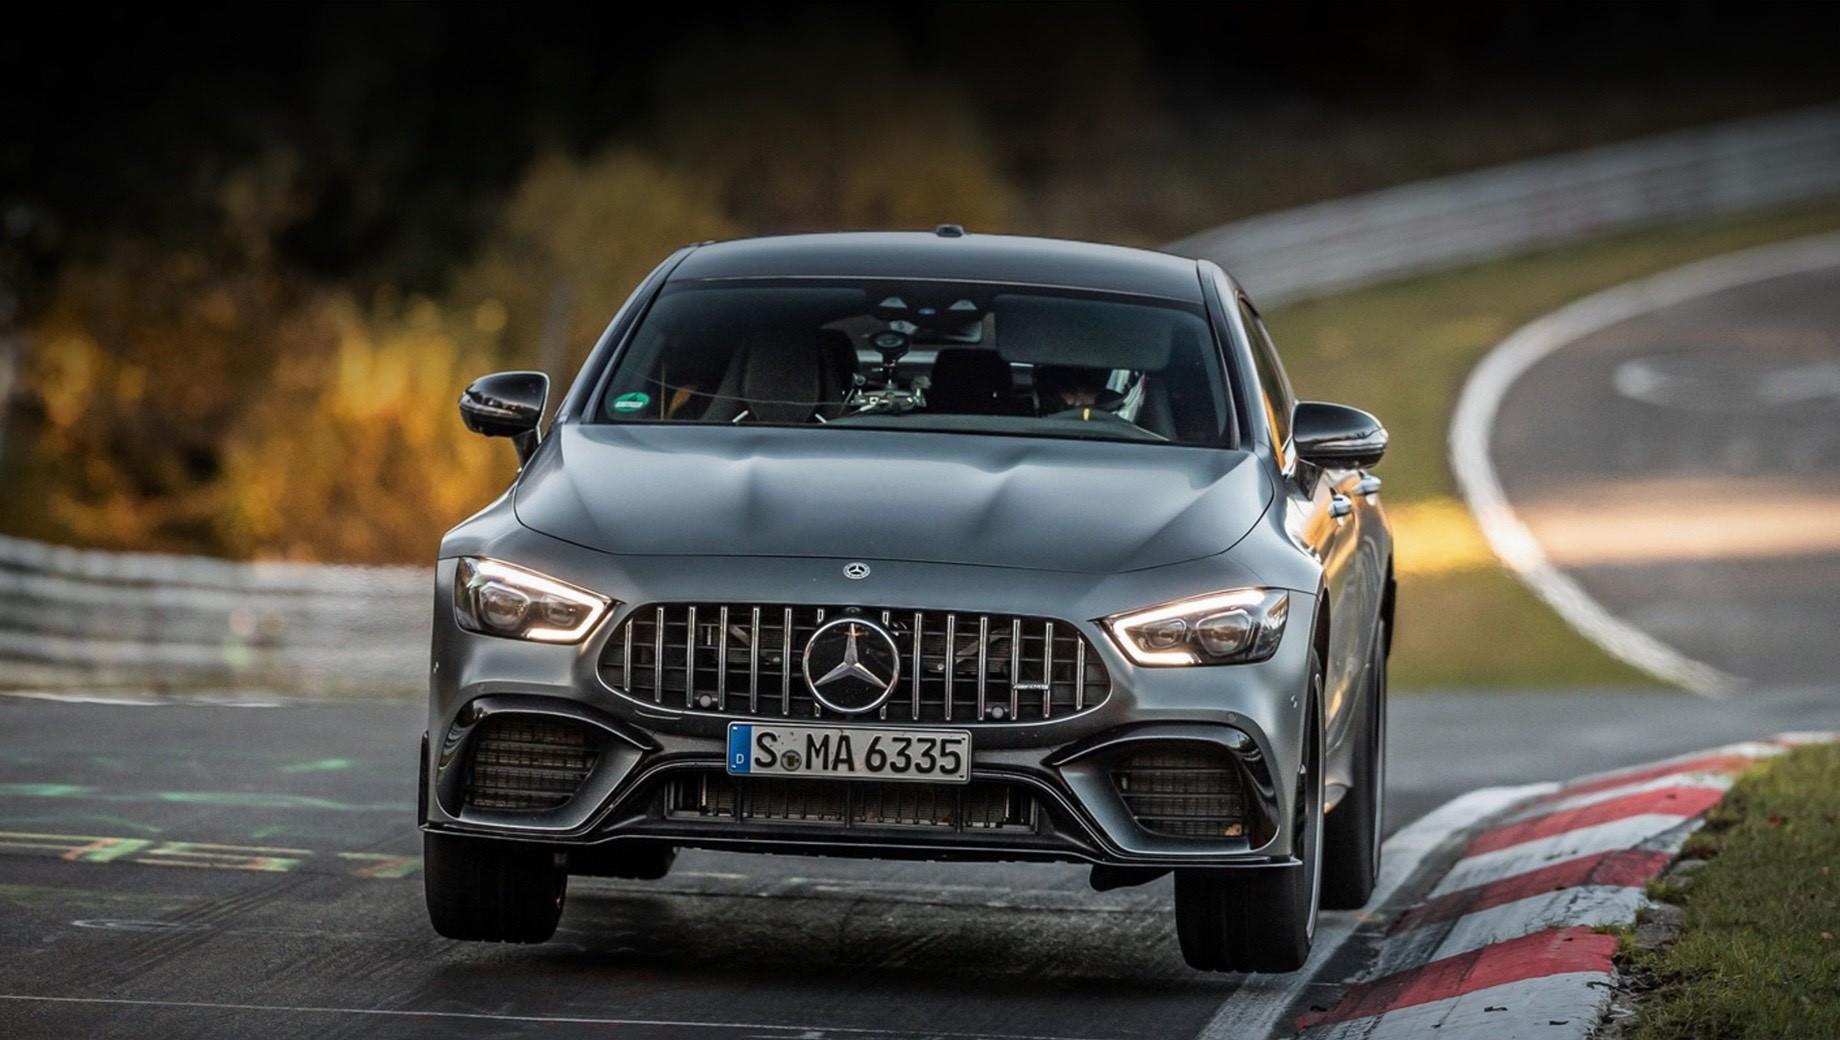 Mercedes -amg,Mercedes amg gt. В России, как и в Германии, можно собрать точно такой же Mercedes-AMG GT 63 S 4Matic+, какой участвовал в заезде на Нюрбургринге. Базовая версия стоит 13 200 000 рублей, но необходимые опции поднимают цену до 14 784 000.